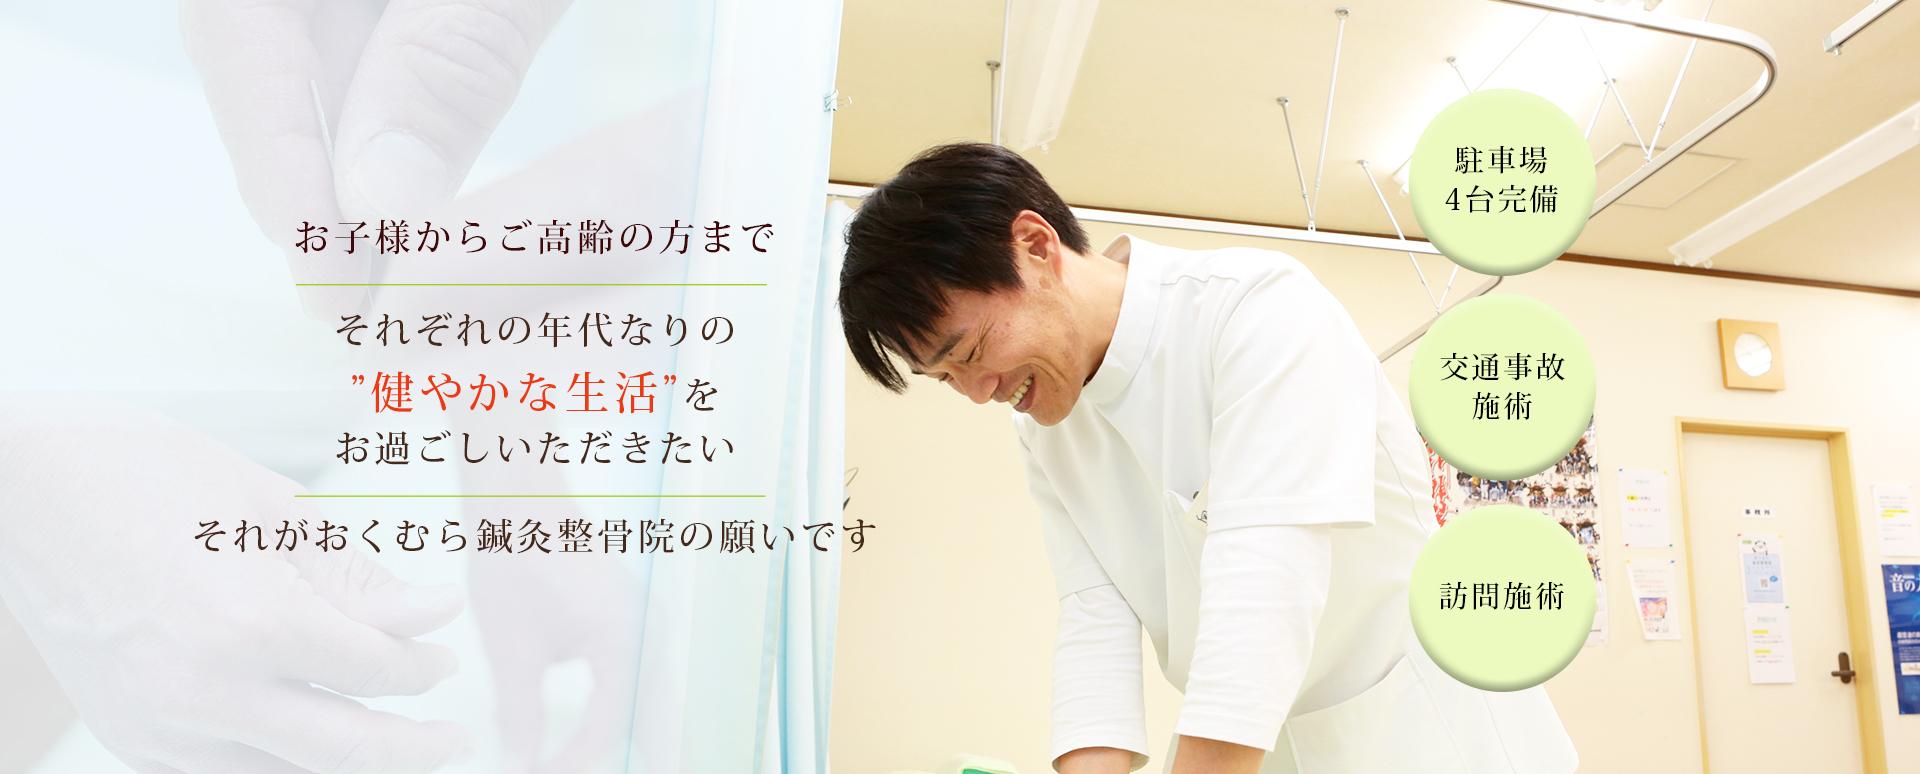 岸和田で肩こりや腰痛でお悩みならおくむら鍼灸整骨院へ